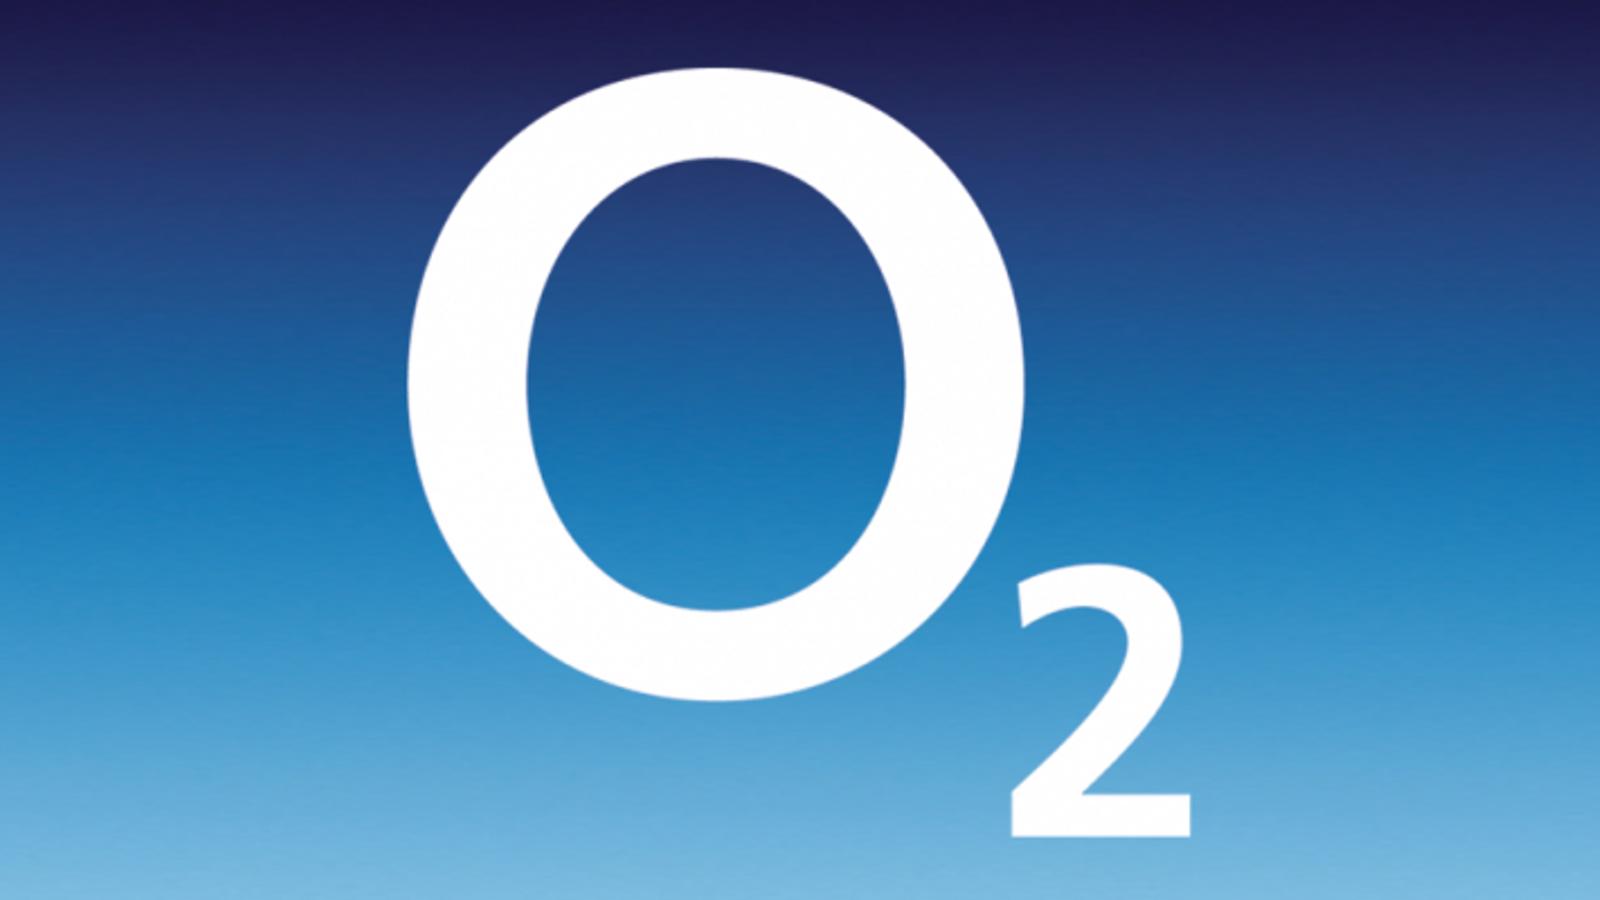 O2 Business App